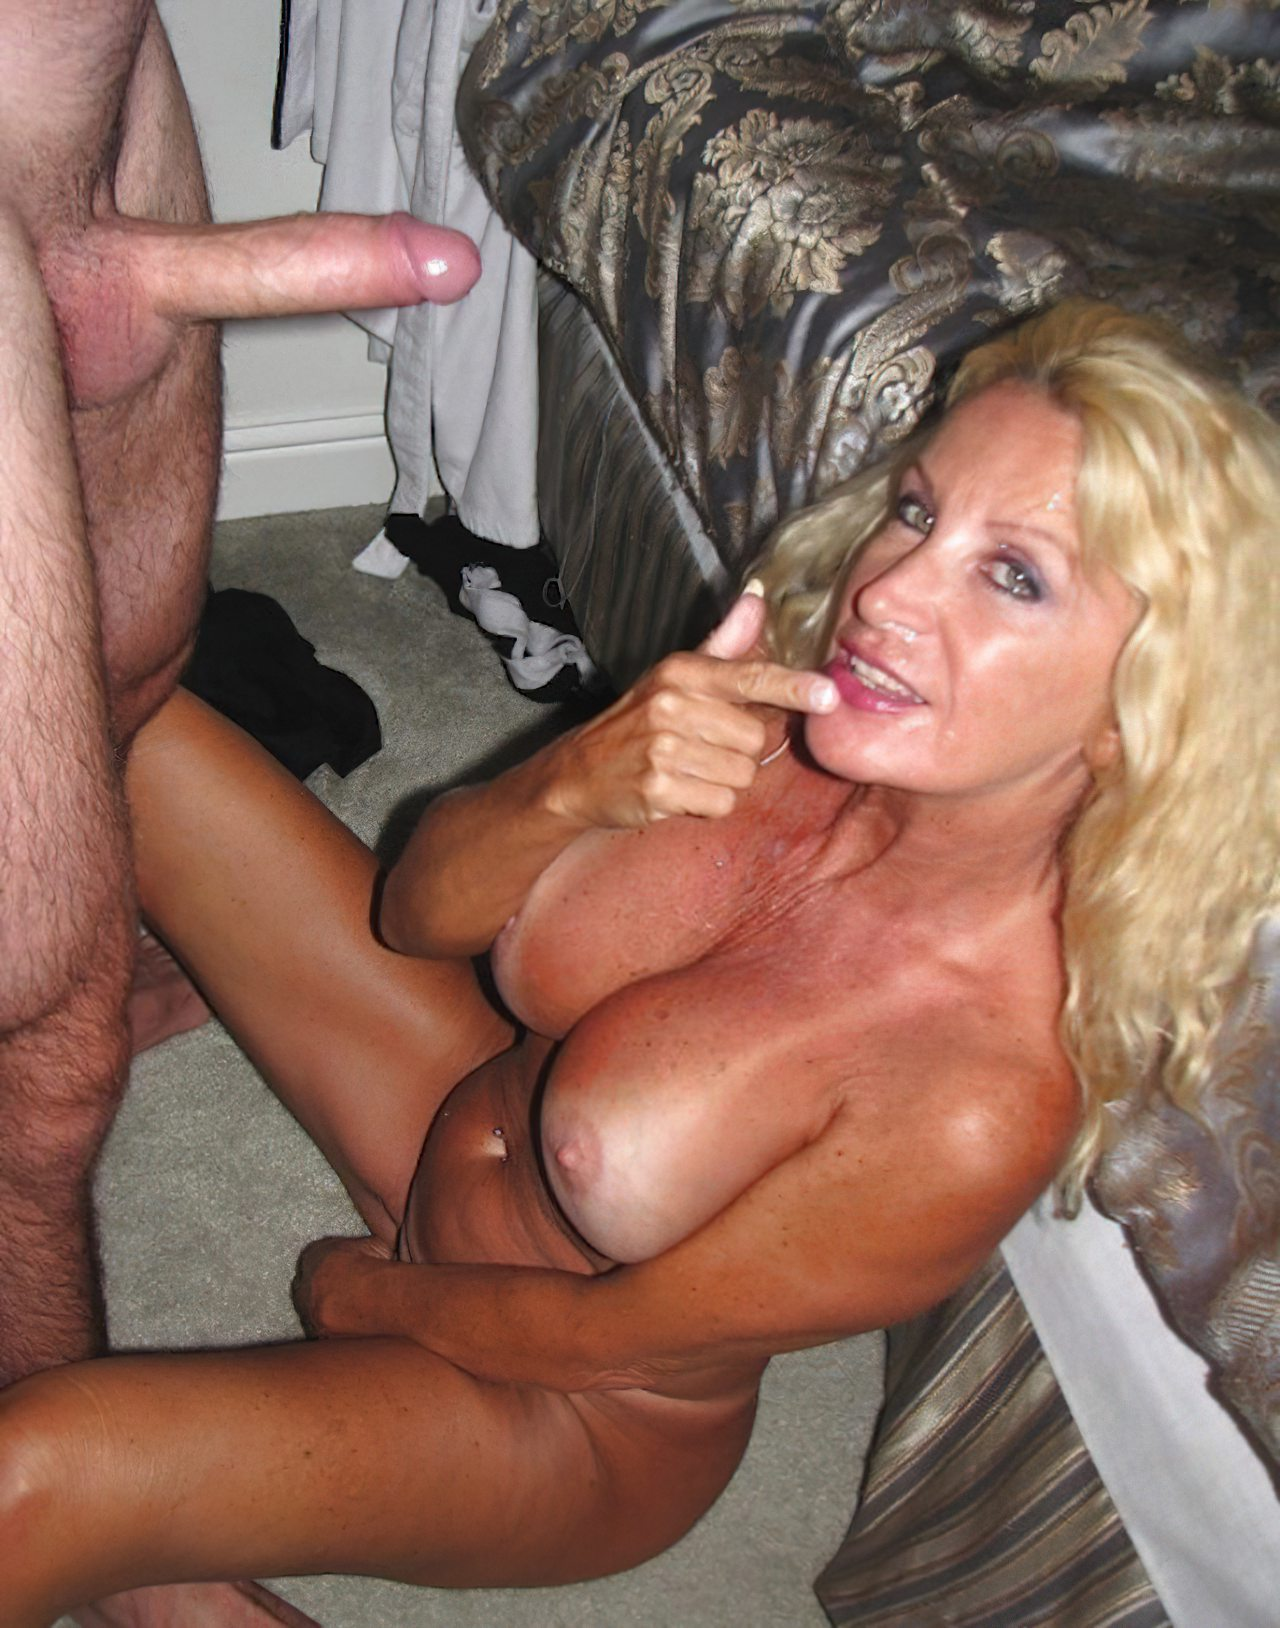 Mulheres Velhas Nuas - Porno maiSexocom